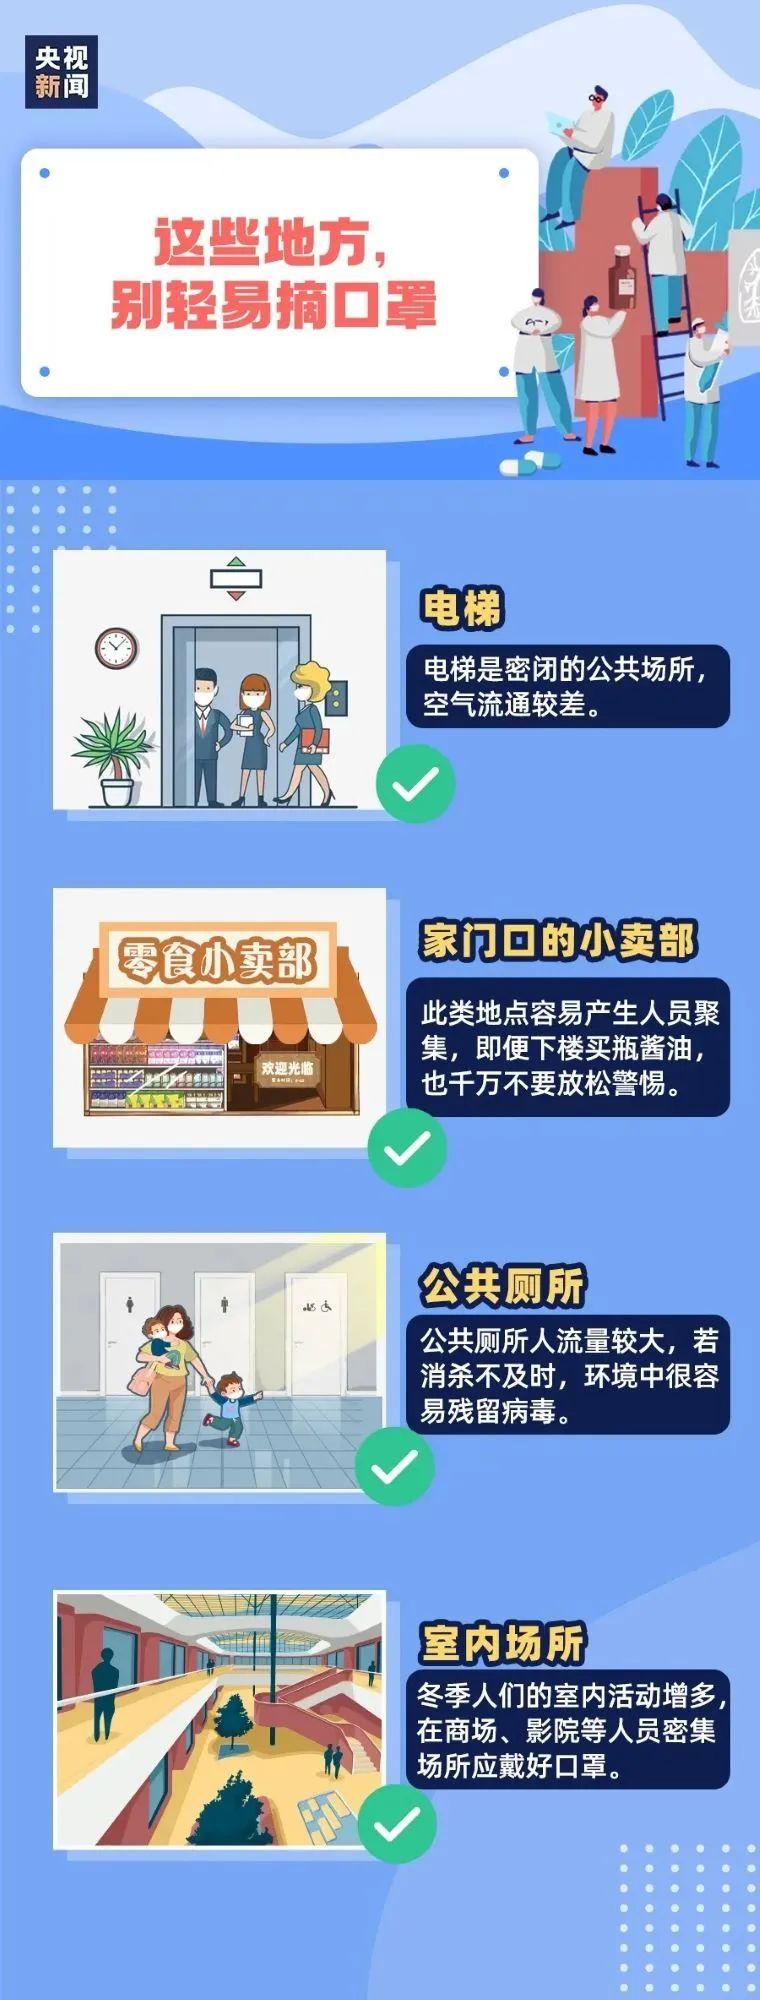 重要!华中师范大学2021年寒假安排须知图片